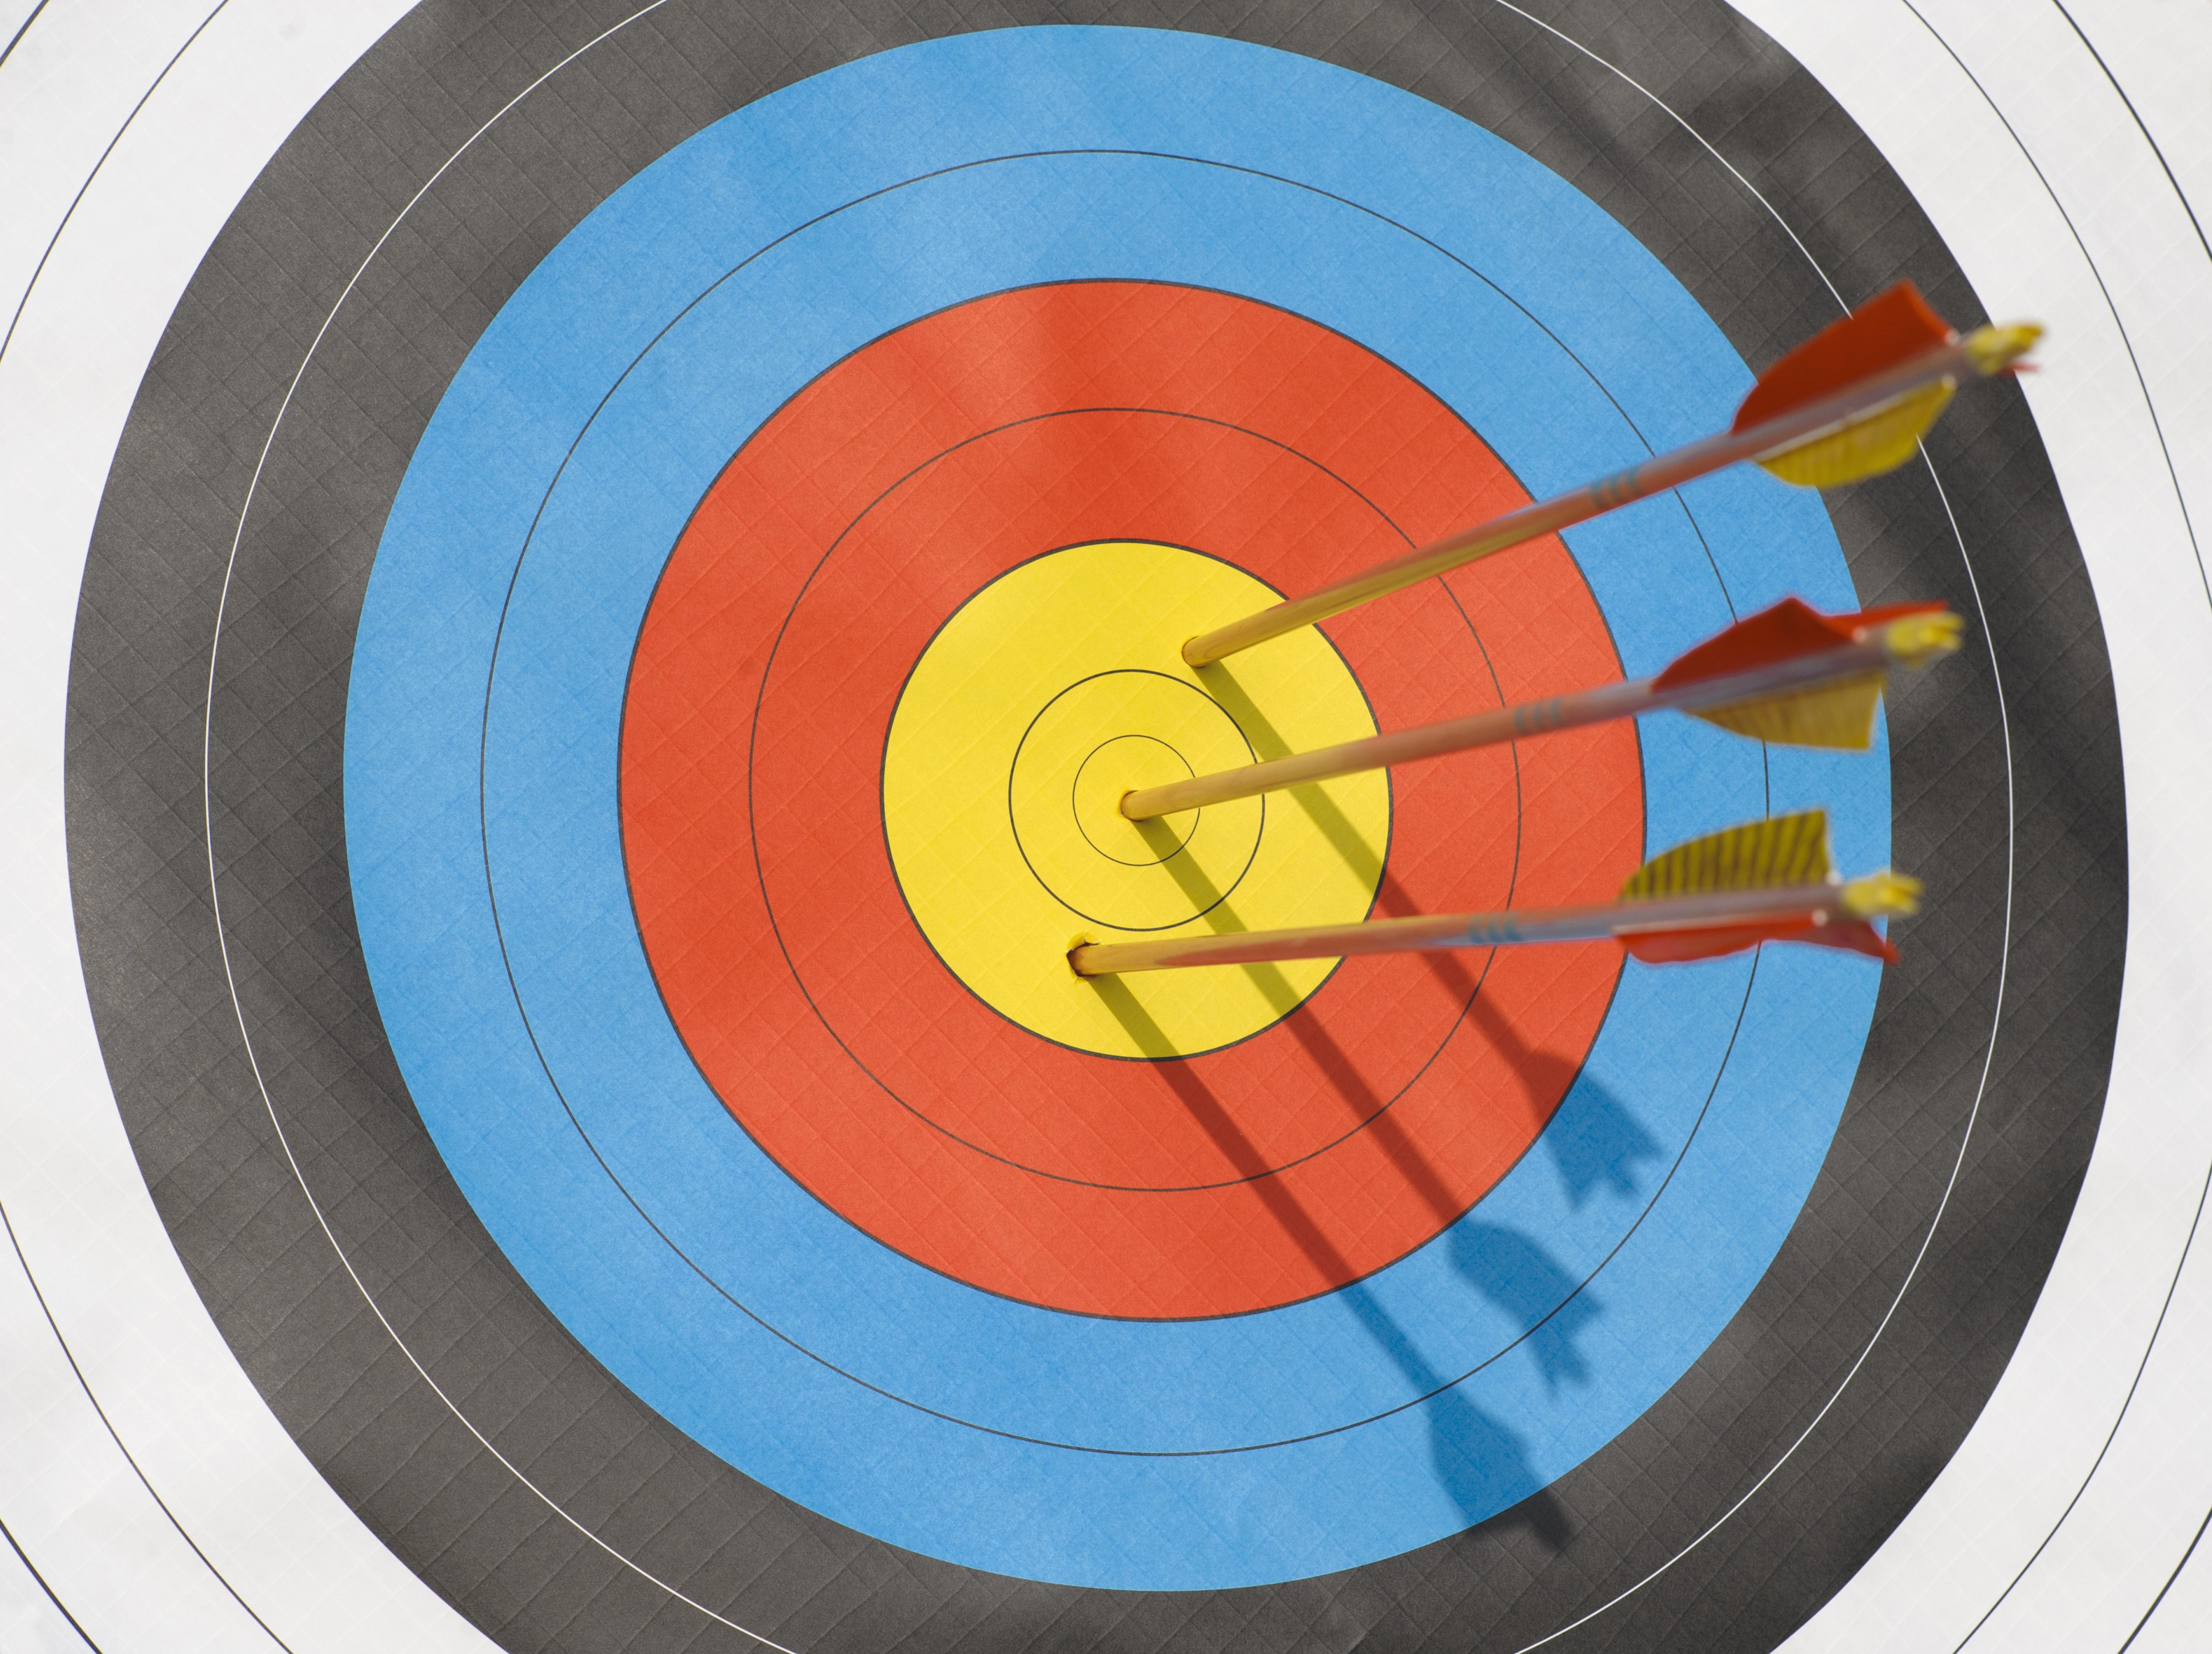 Arrows lodged in bull's-eye